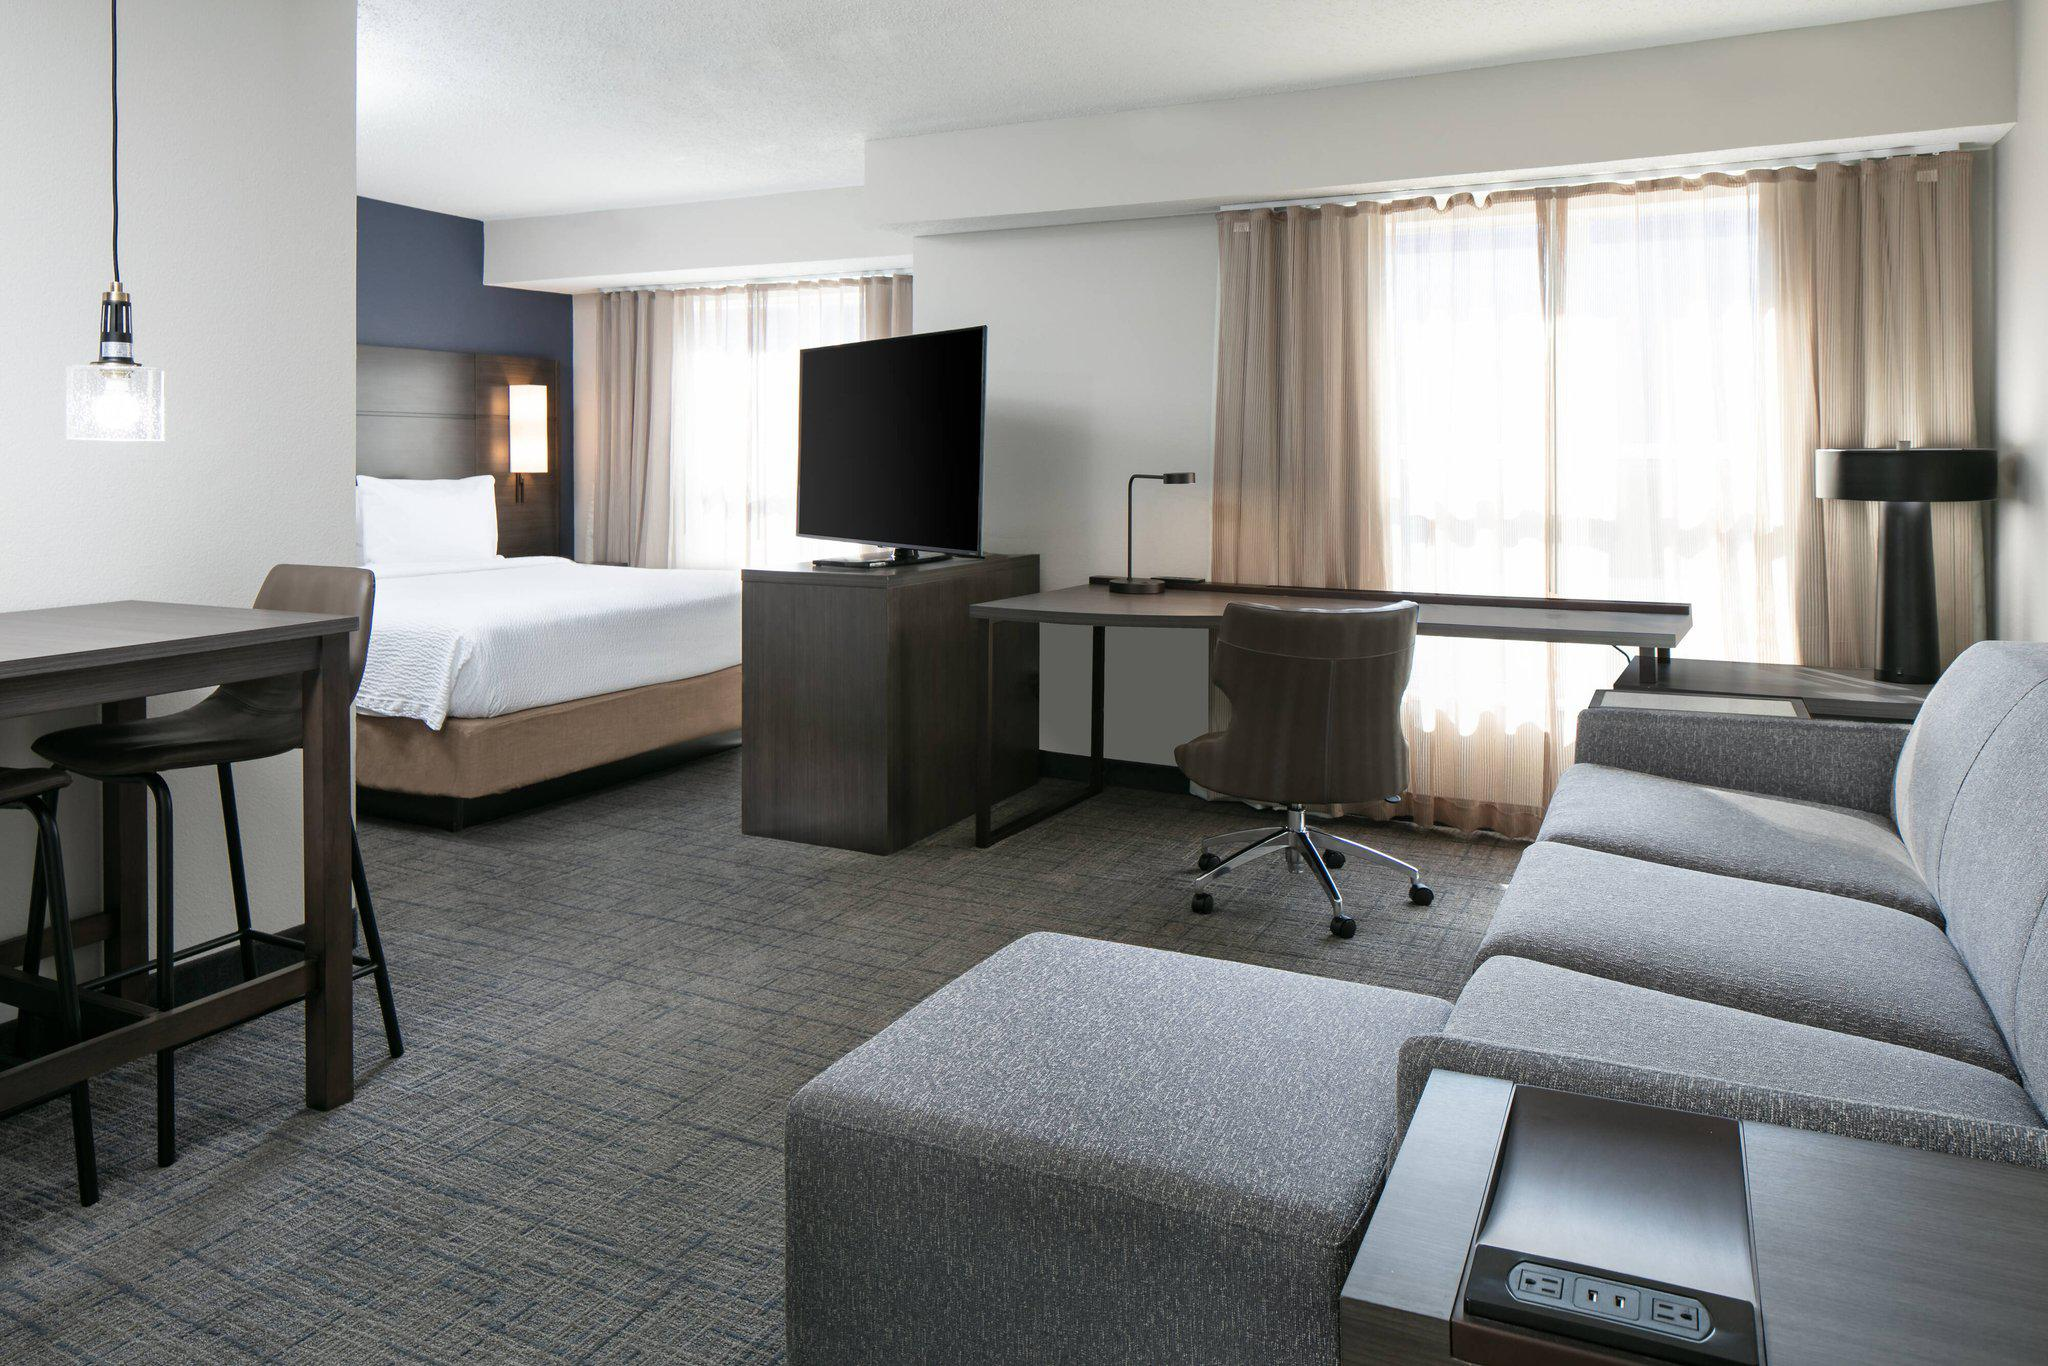 Residence Inn by Marriott Tulsa South